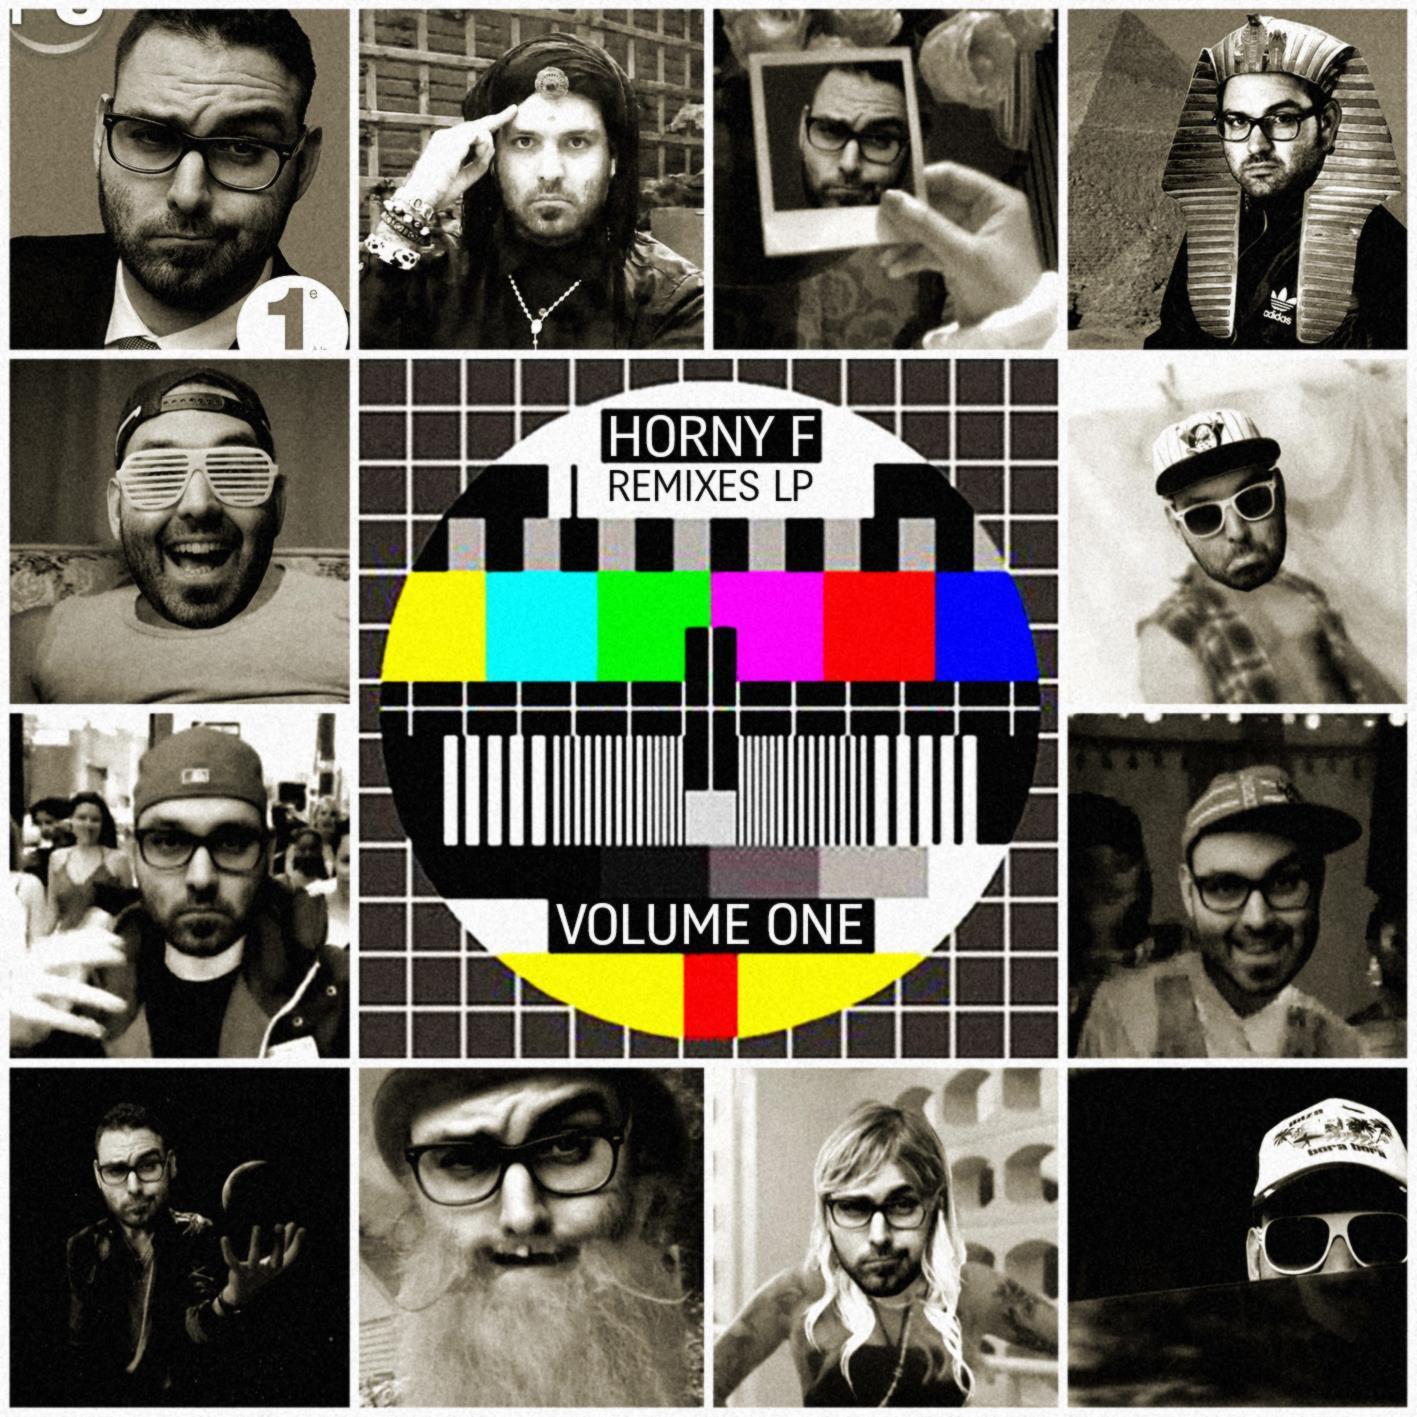 HORNY F remixes lp vol 1 record cover